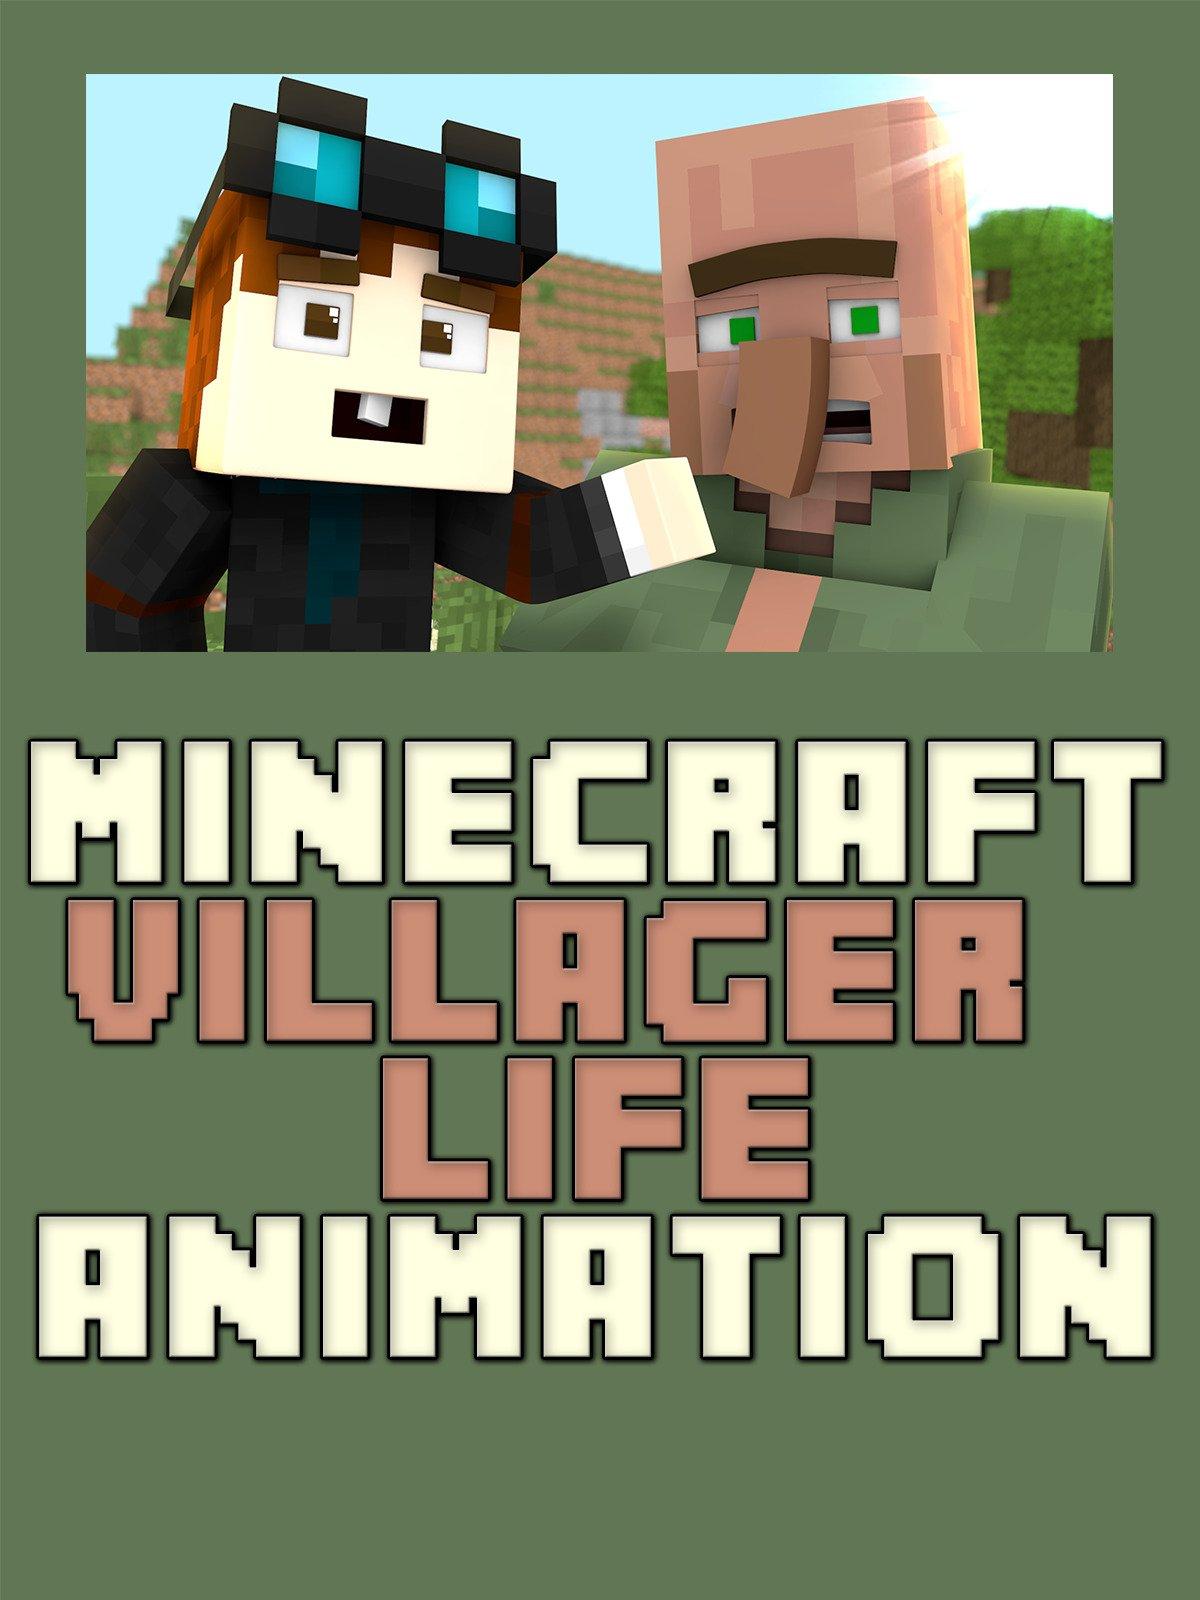 Villager Life